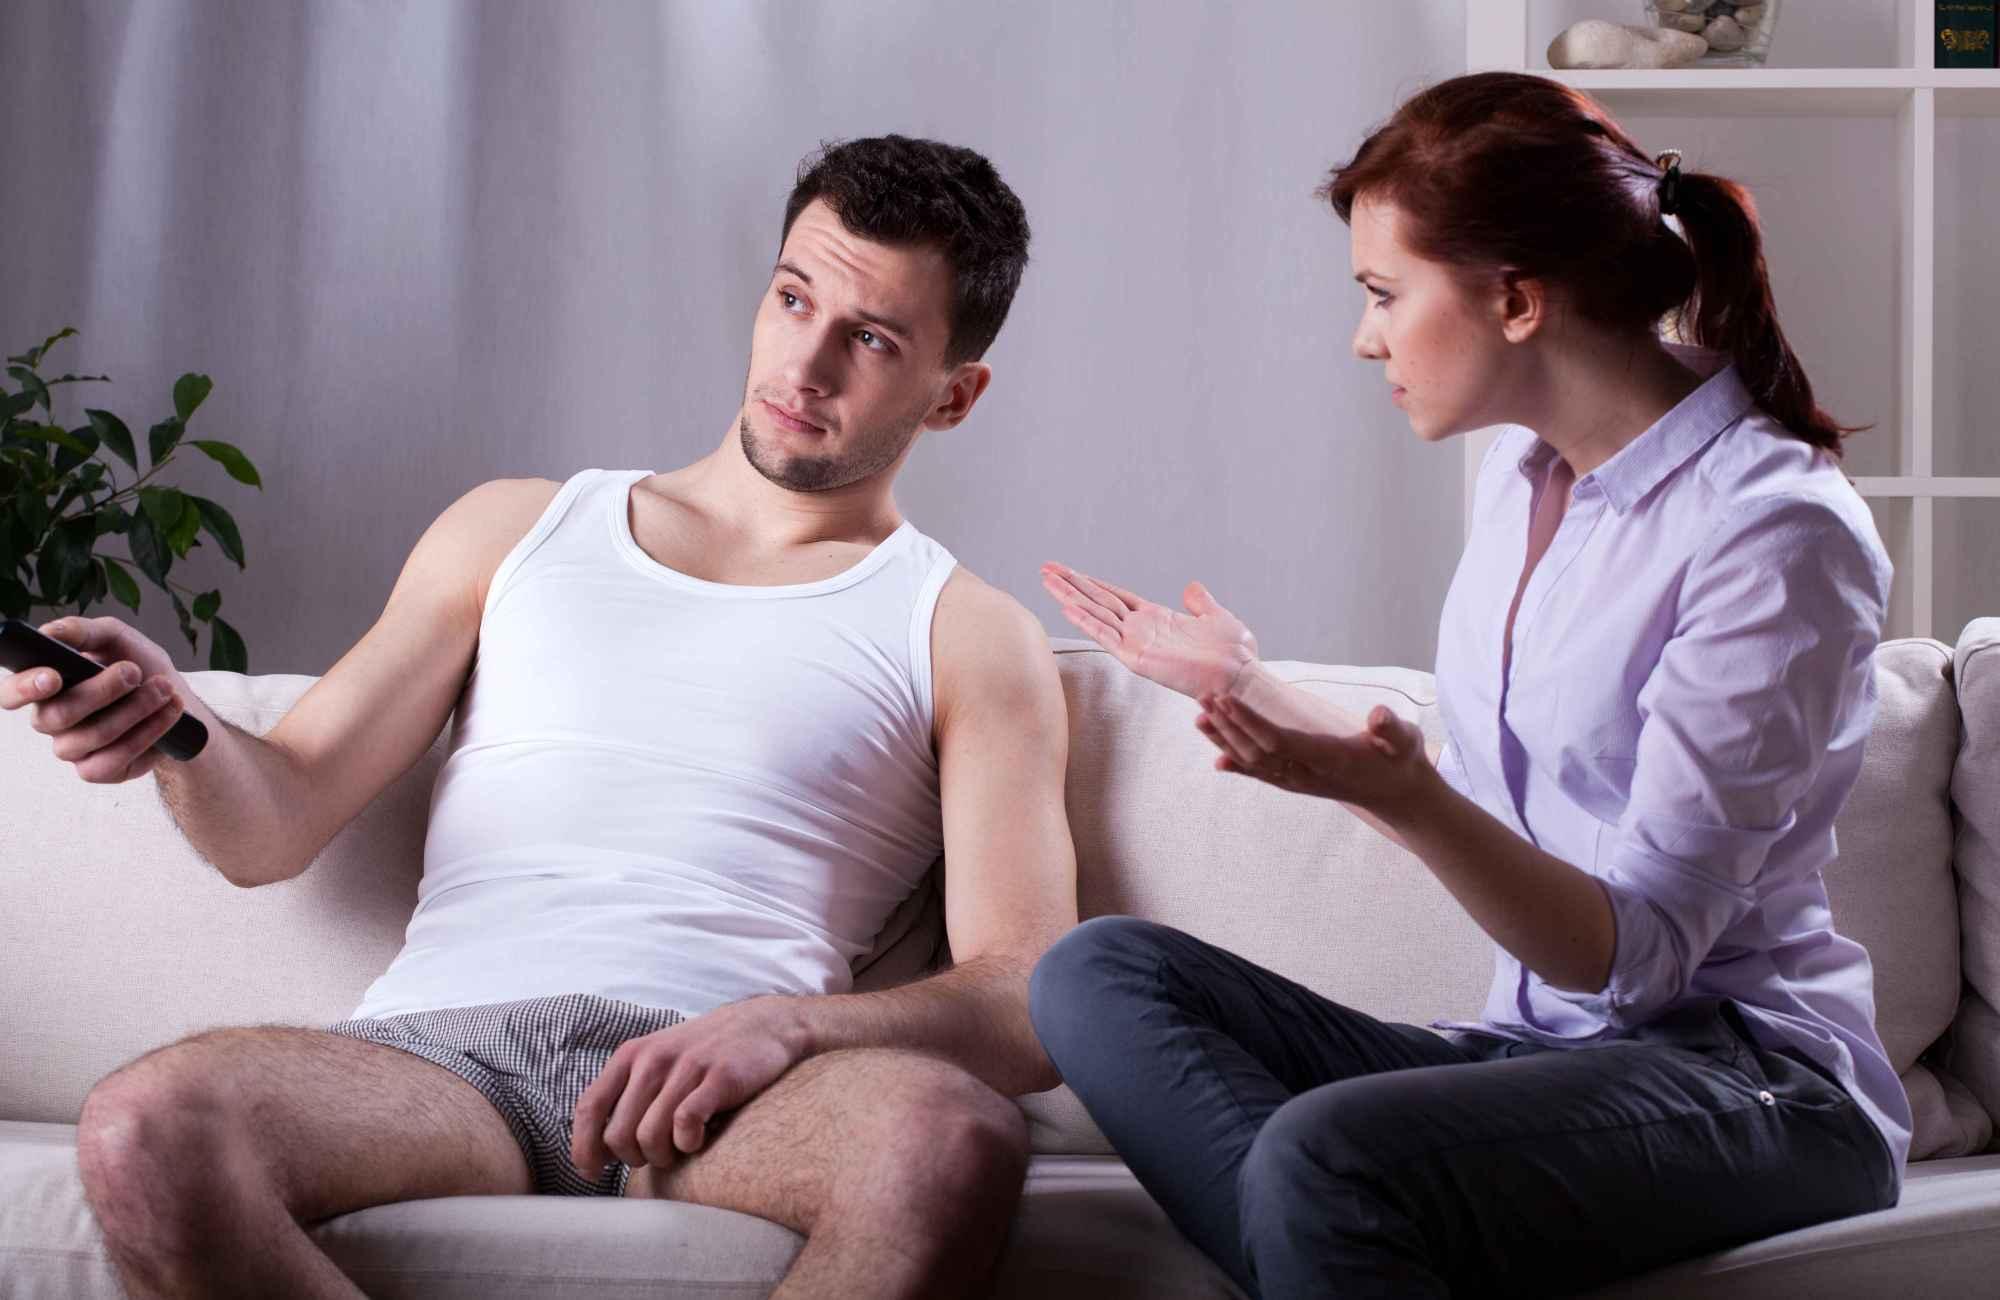 原创男士内裤,选三角的还是平角的?不瞒你说:这么多年来,你一直都穿错